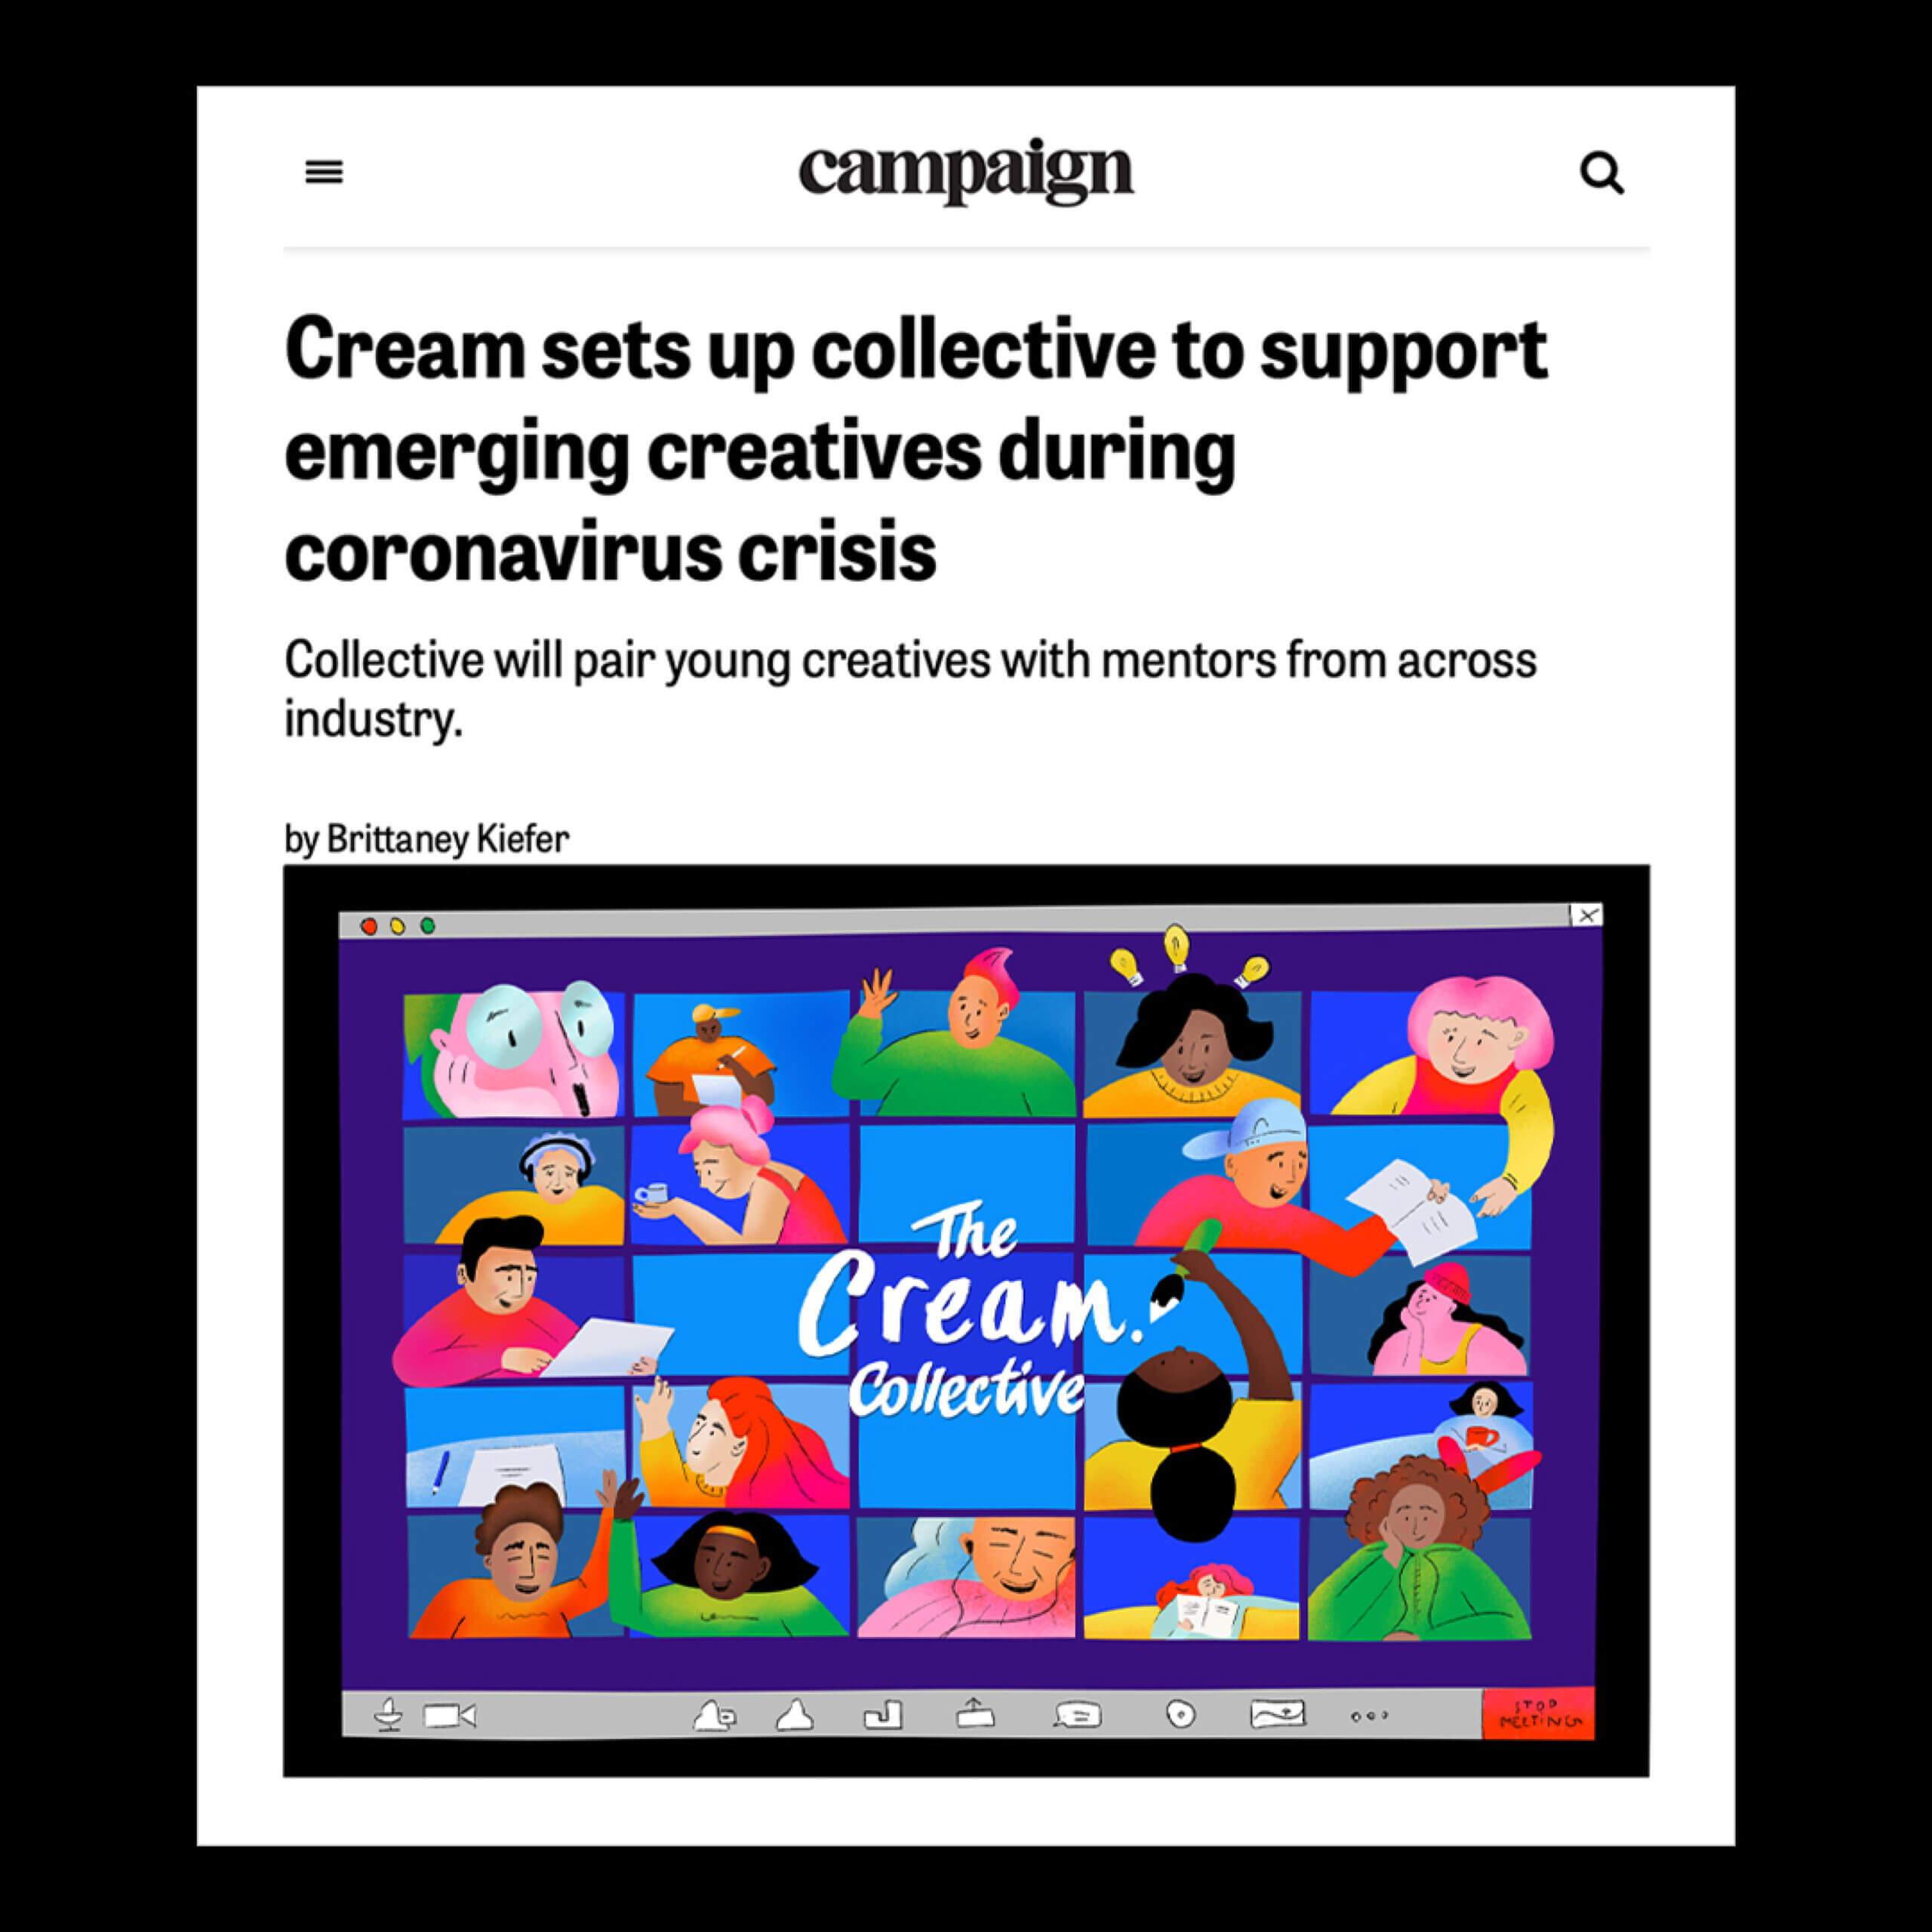 Creature.Instagram_Cream Collective